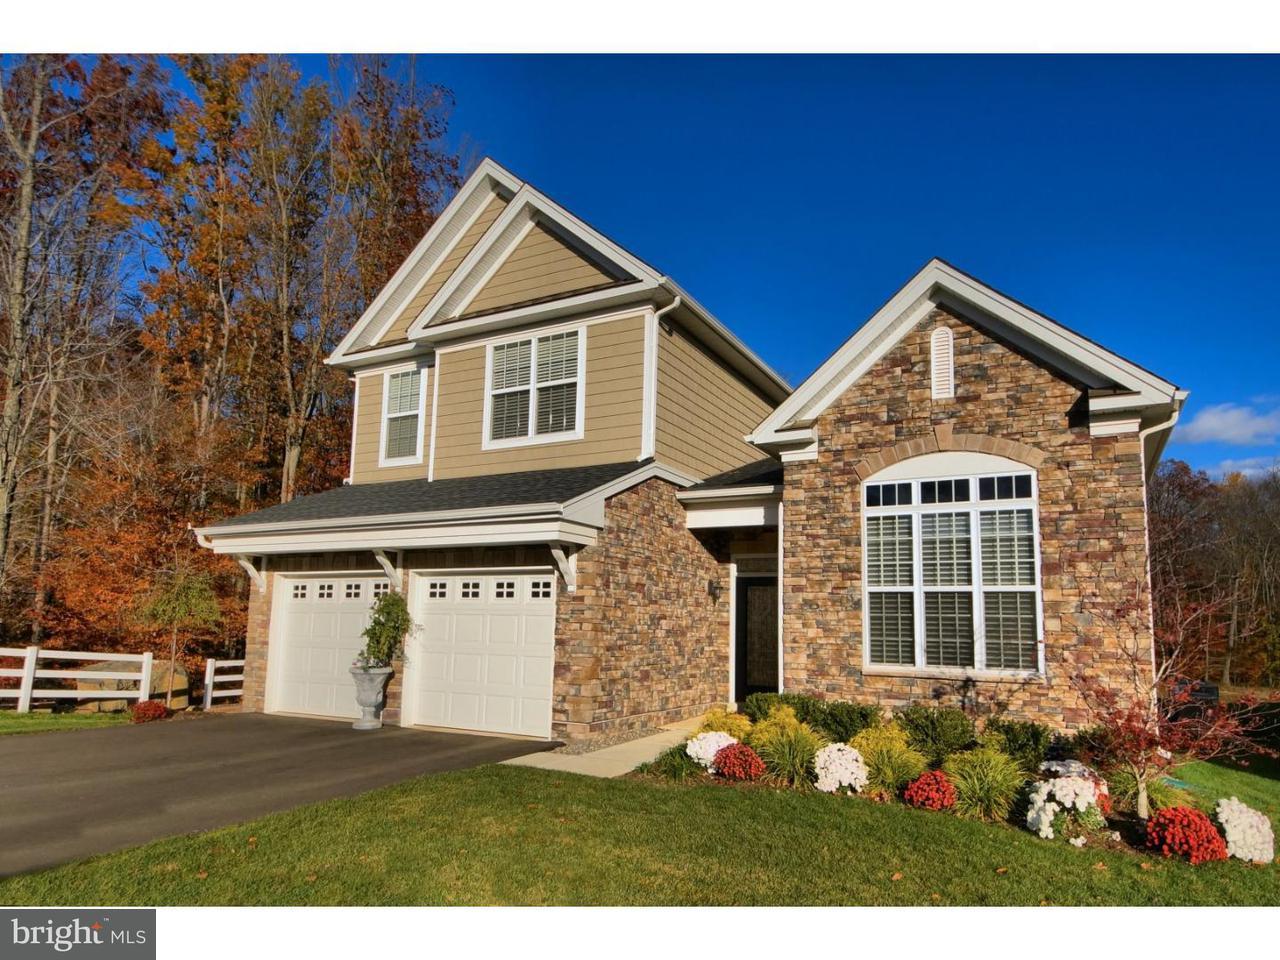 独户住宅 为 销售 在 56 INVERNESS Drive 肯德尔帕克, 新泽西州 08824 美国在/周边: South Brunswick Township